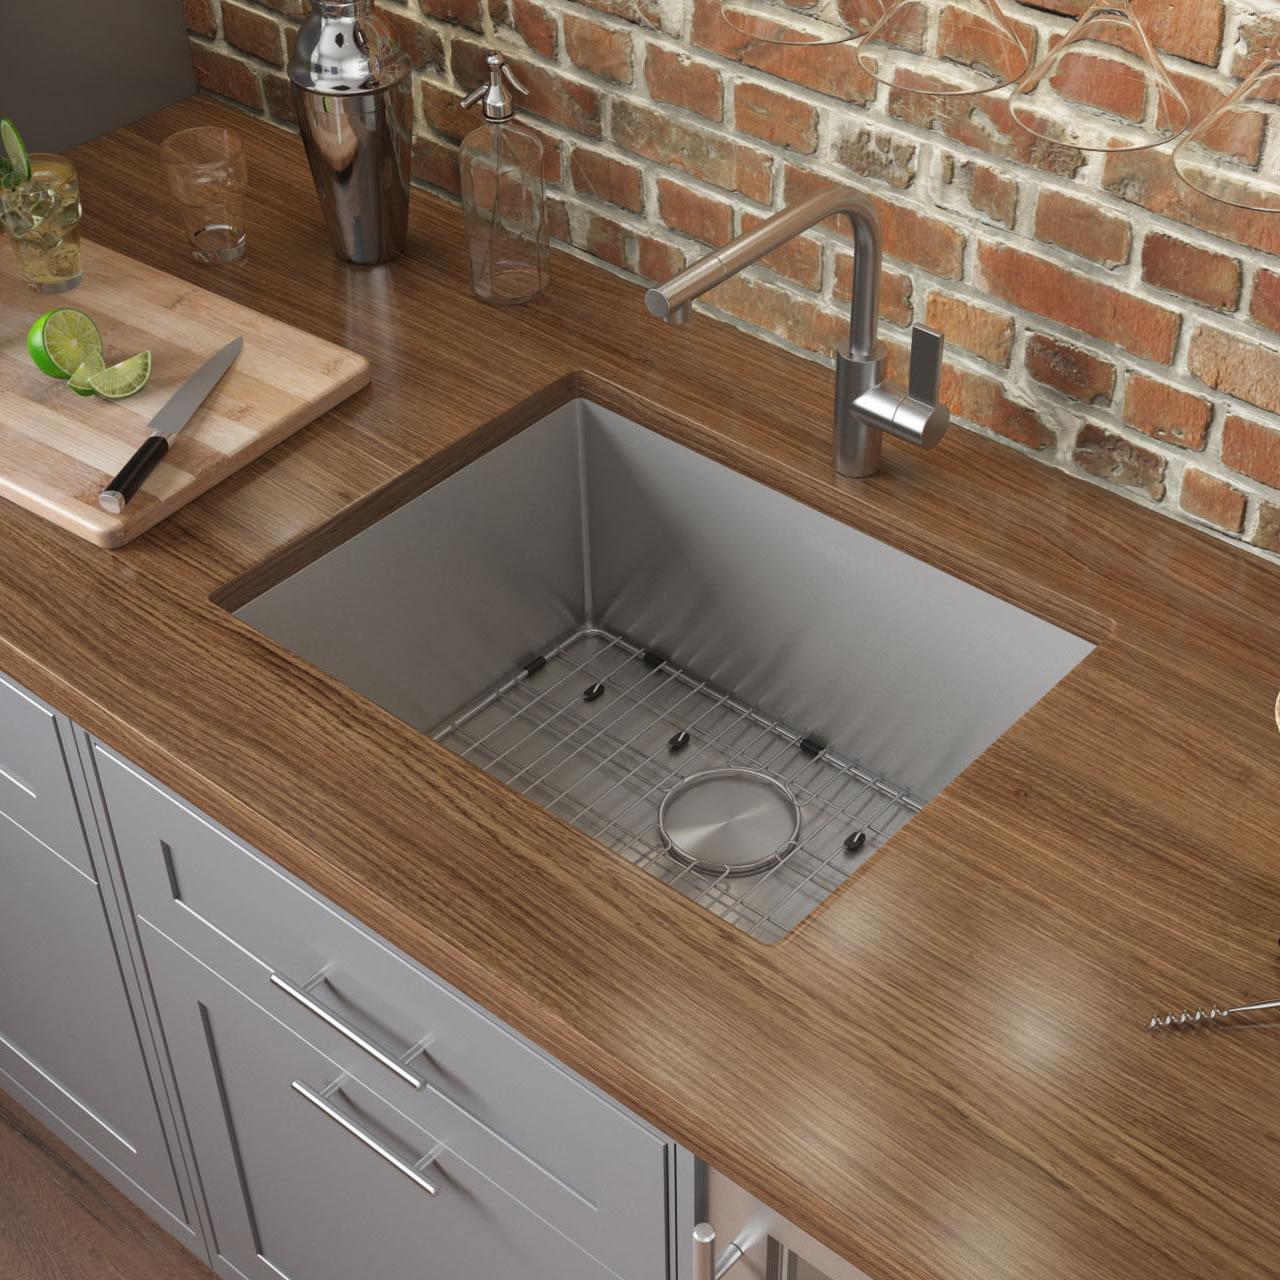 26 Inch Undermount 16 Gauge Tight Radius Stainless Steel Kitchen Sink Single Bowl Ruvati Usa